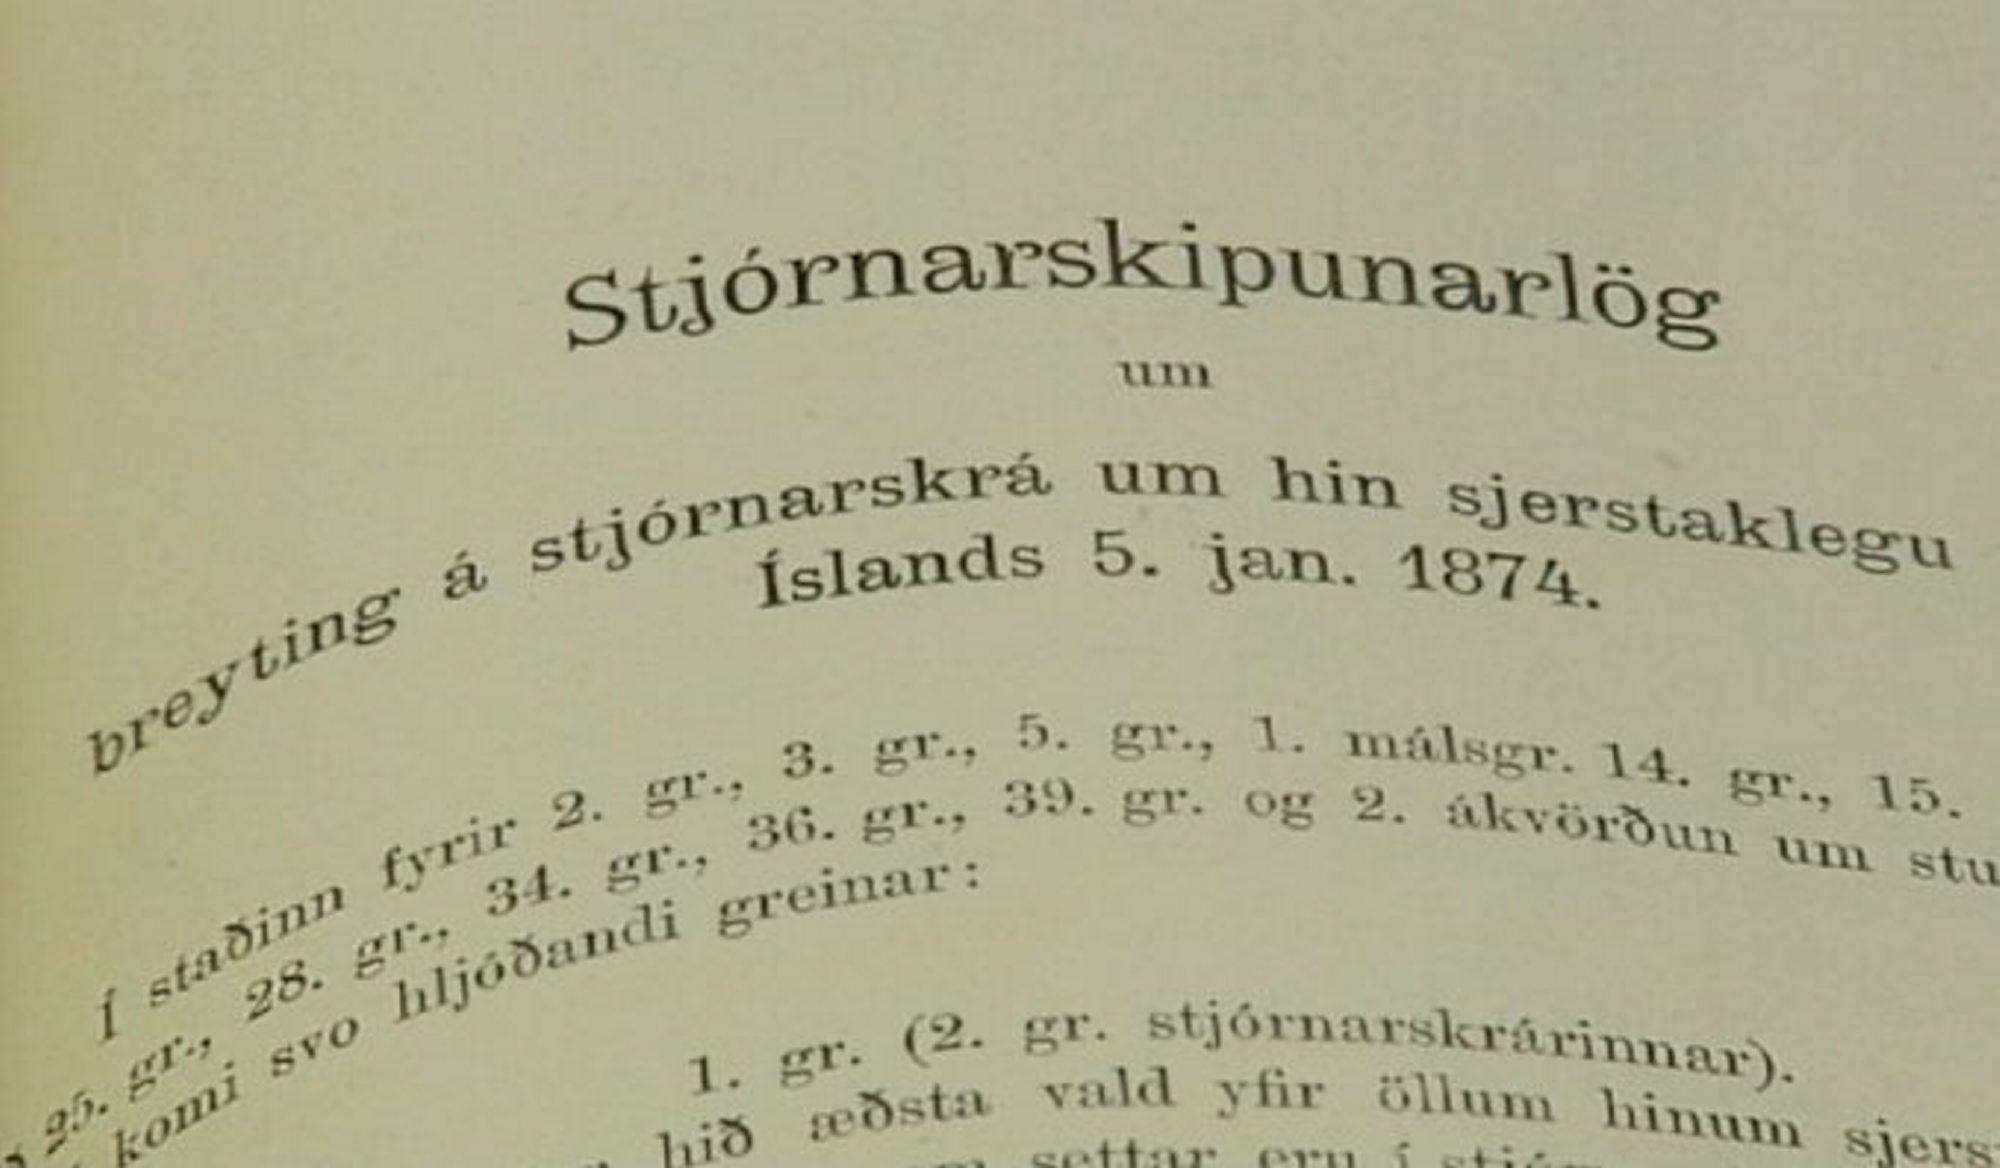 Stjórnarskrárnefnd birtir drög að þremur nýjum stjórnarskrárákvæðum